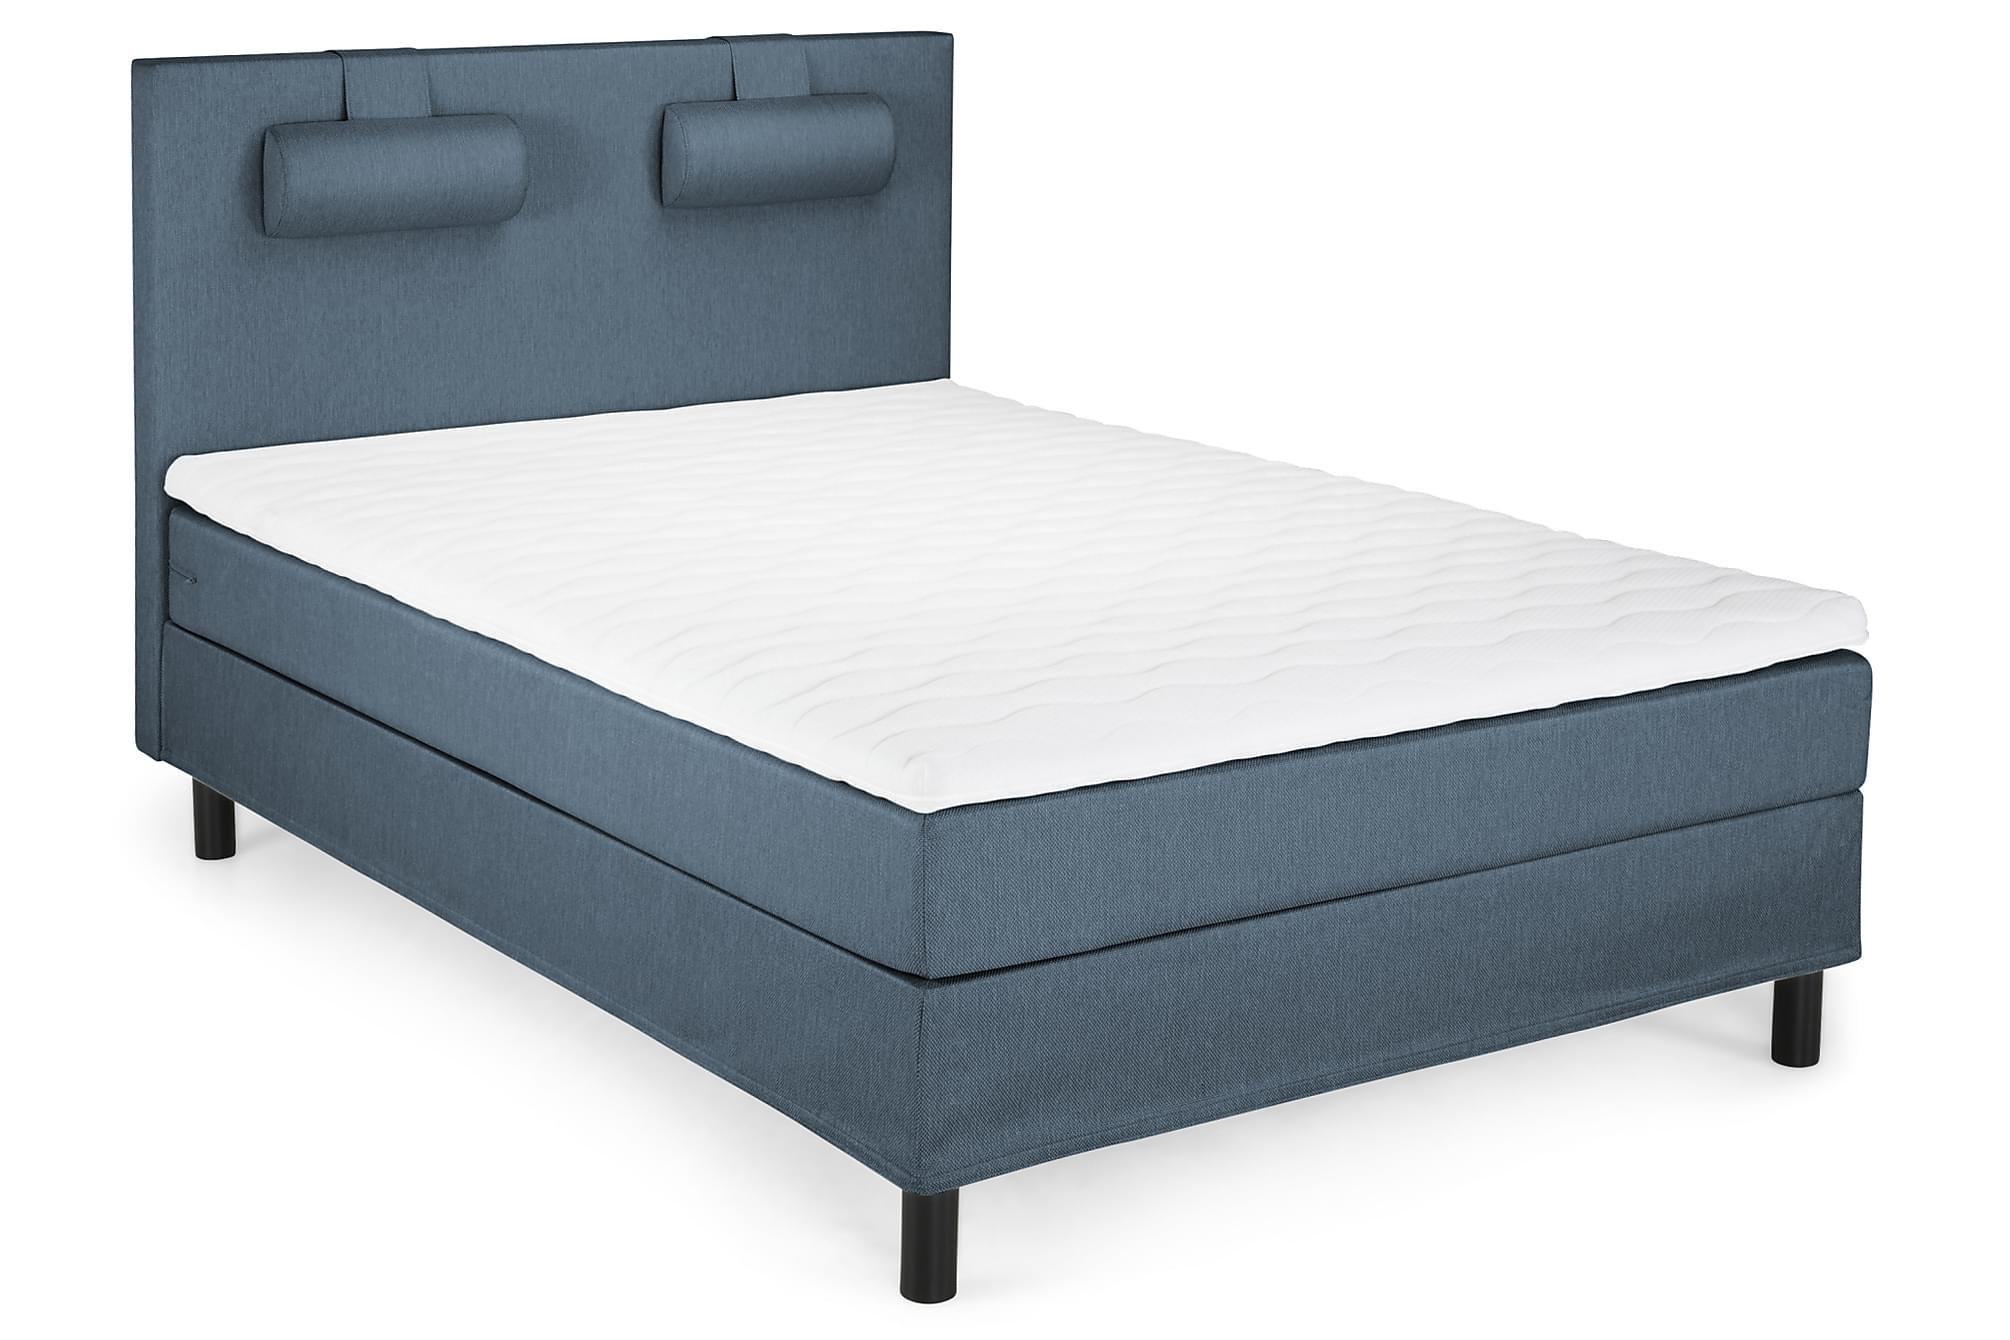 JOLLY Komplett sängpaket 140 Slät Blå